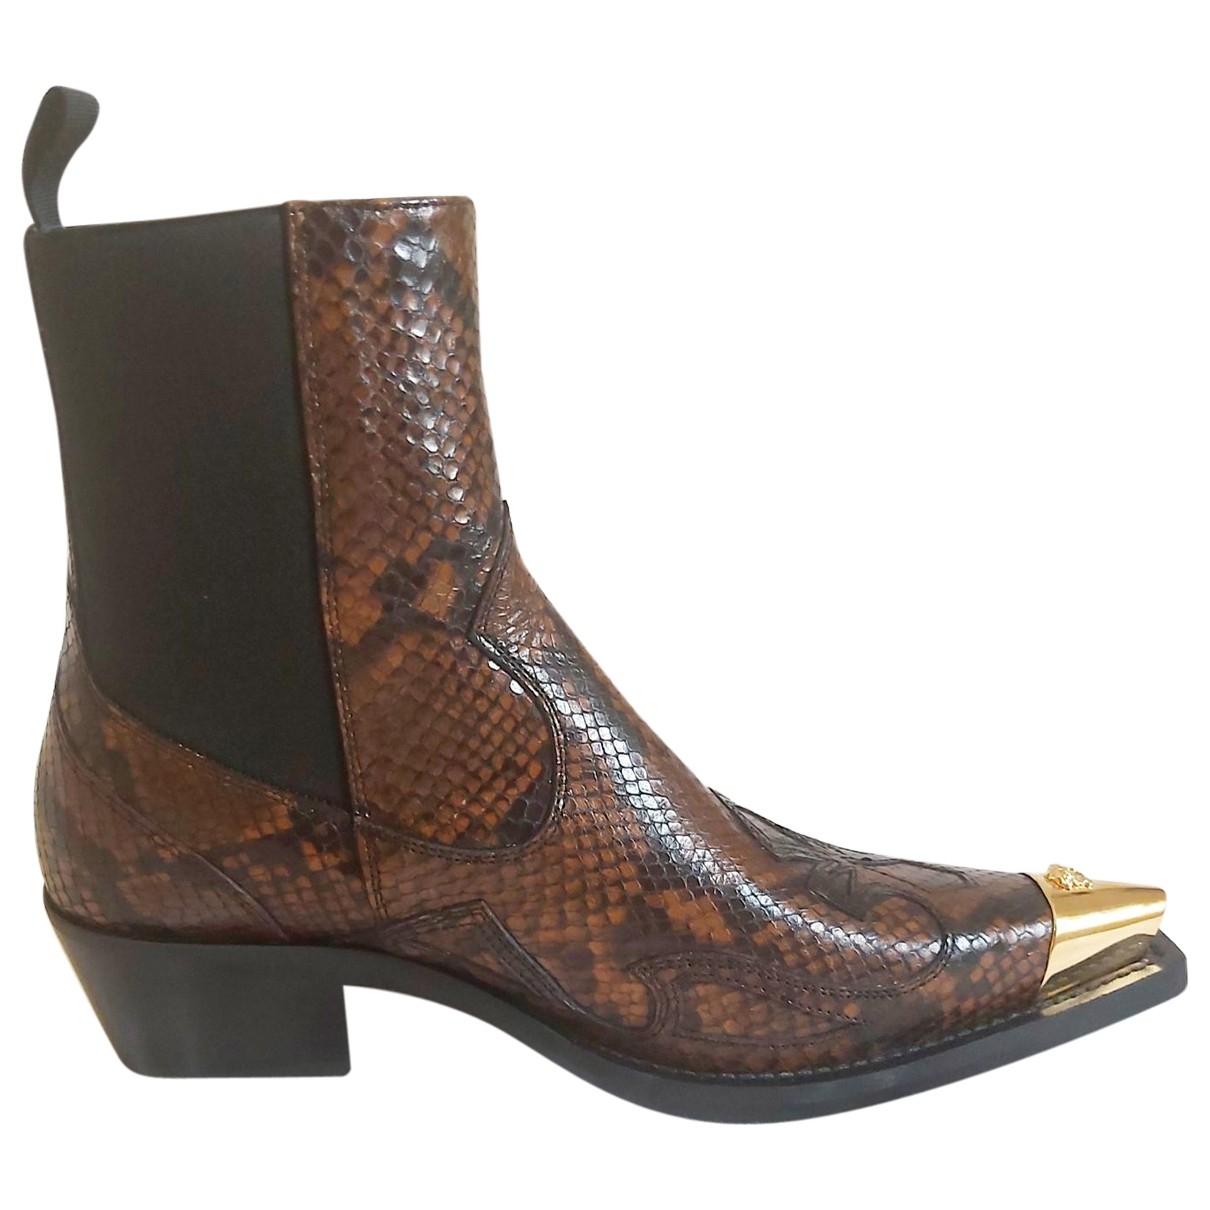 Botas de Charol Gianni Versace